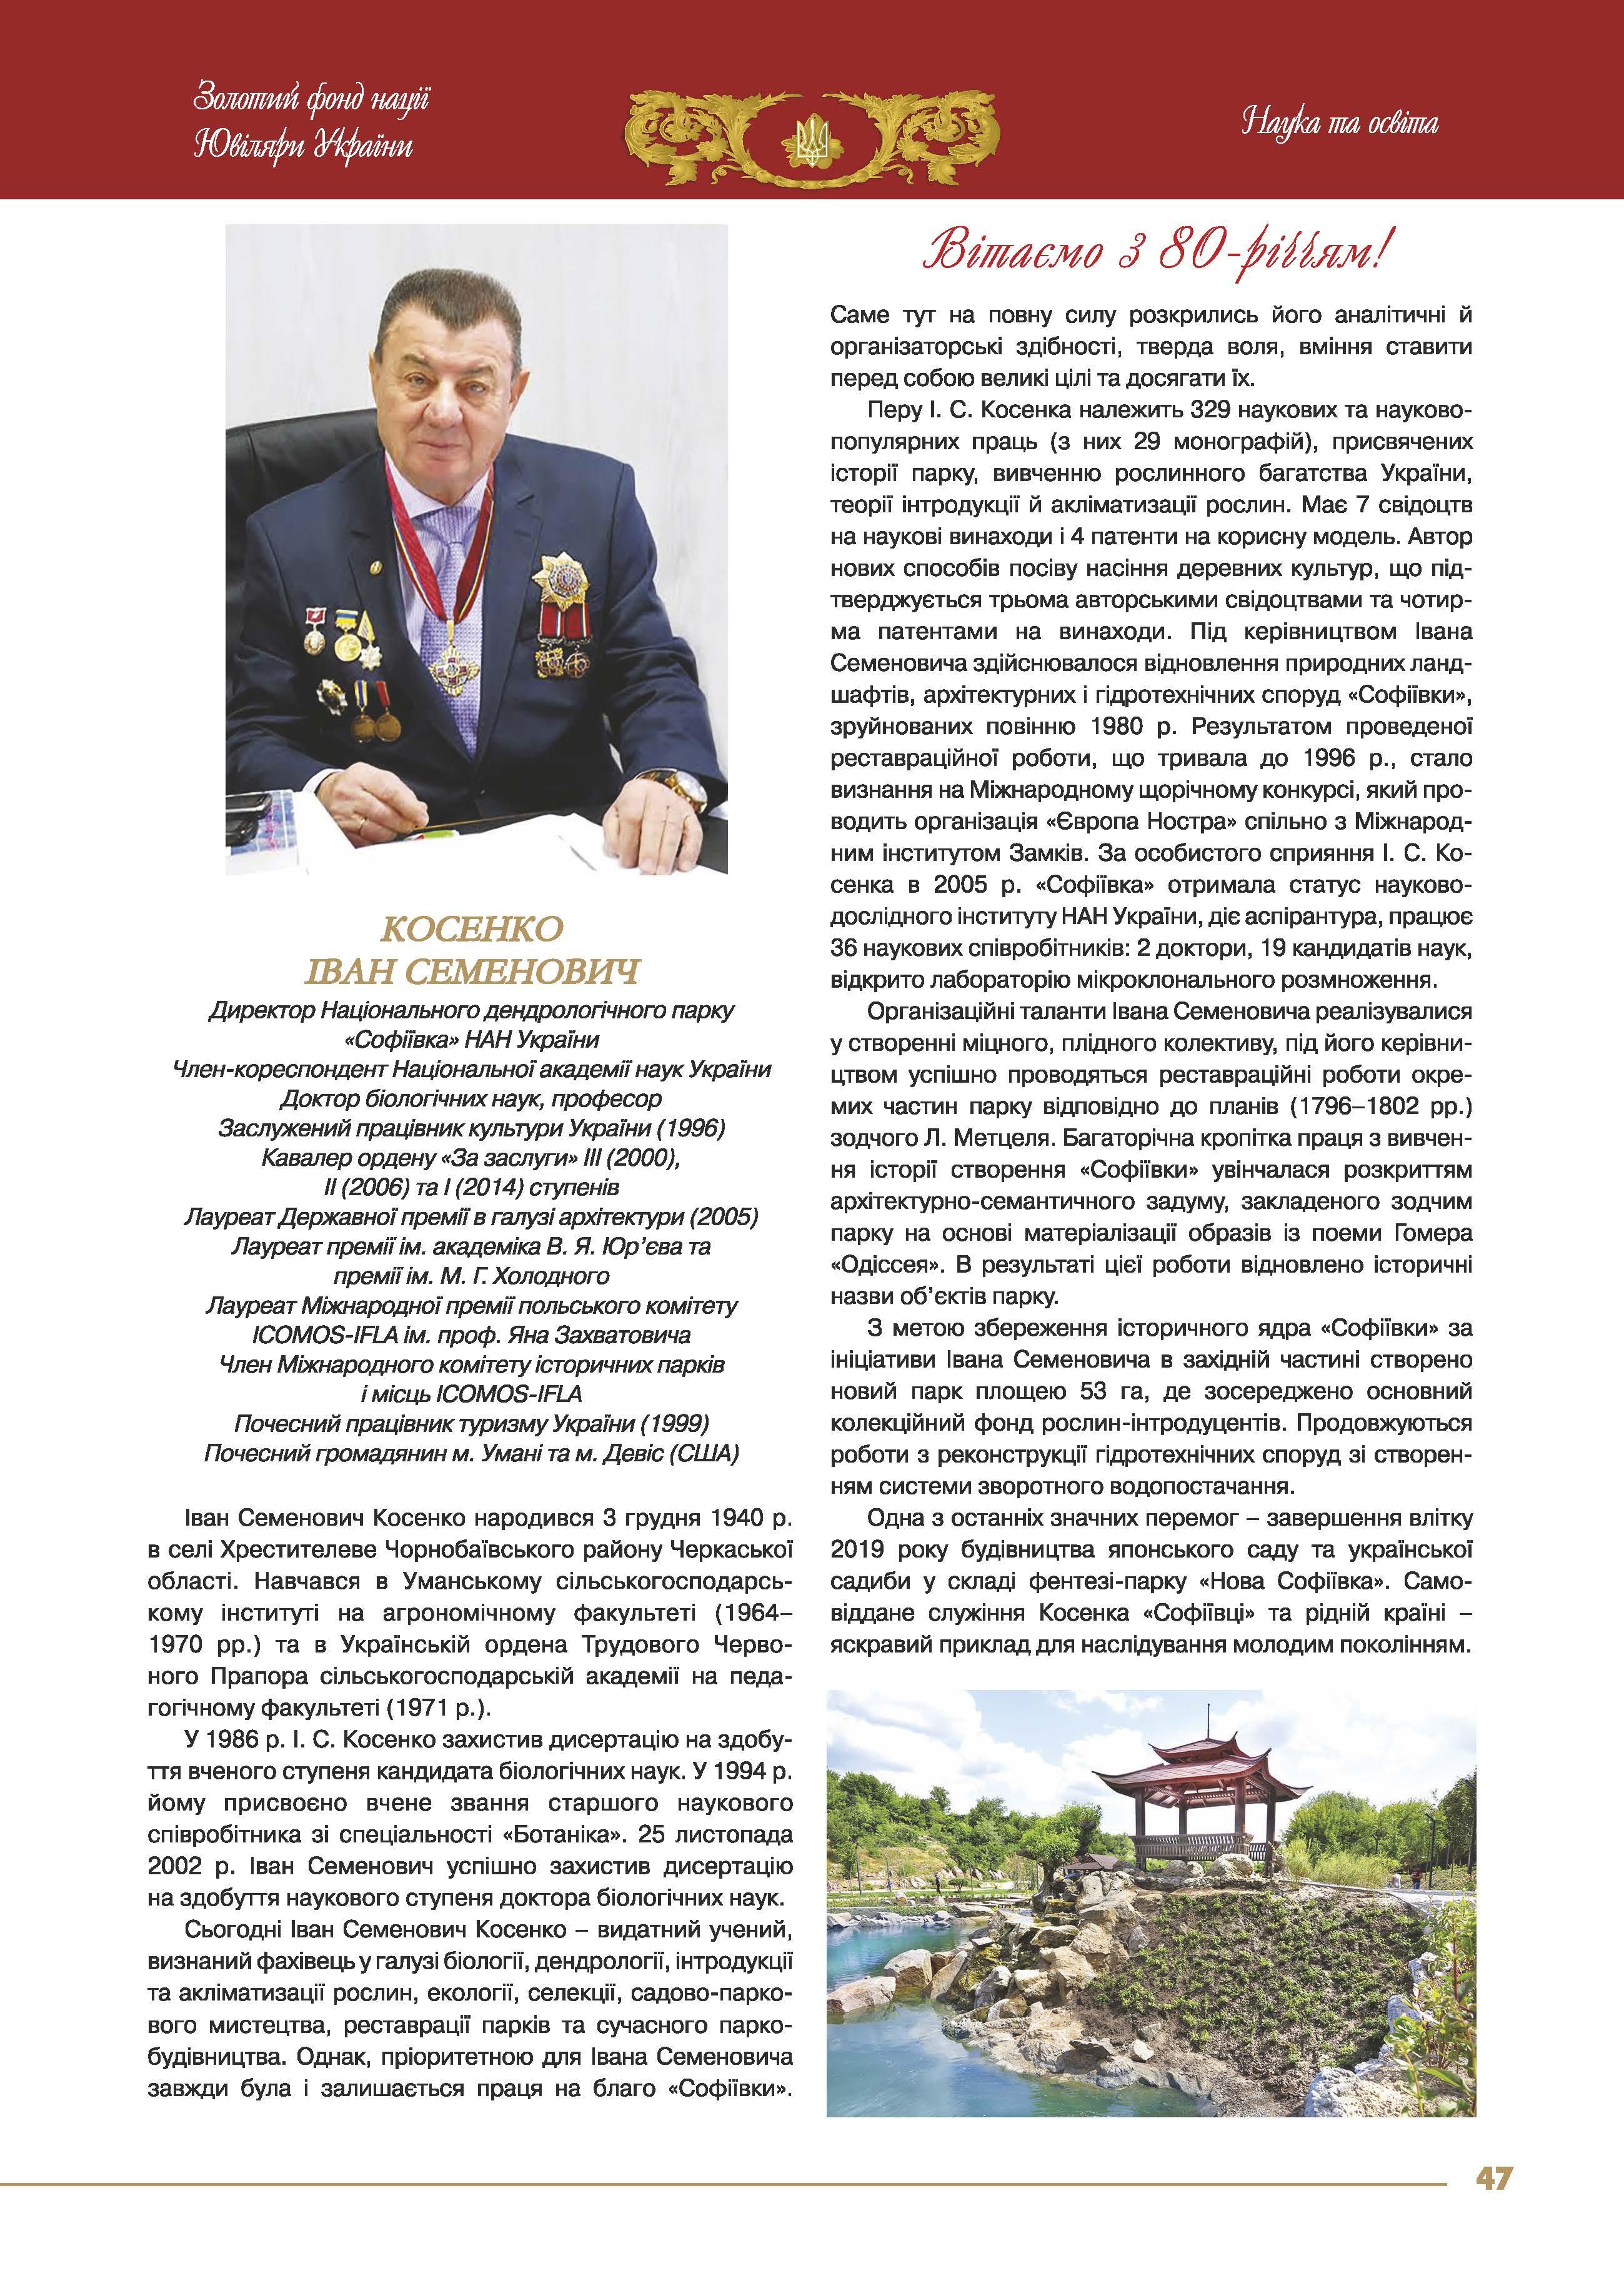 Косенко Іван Семенович